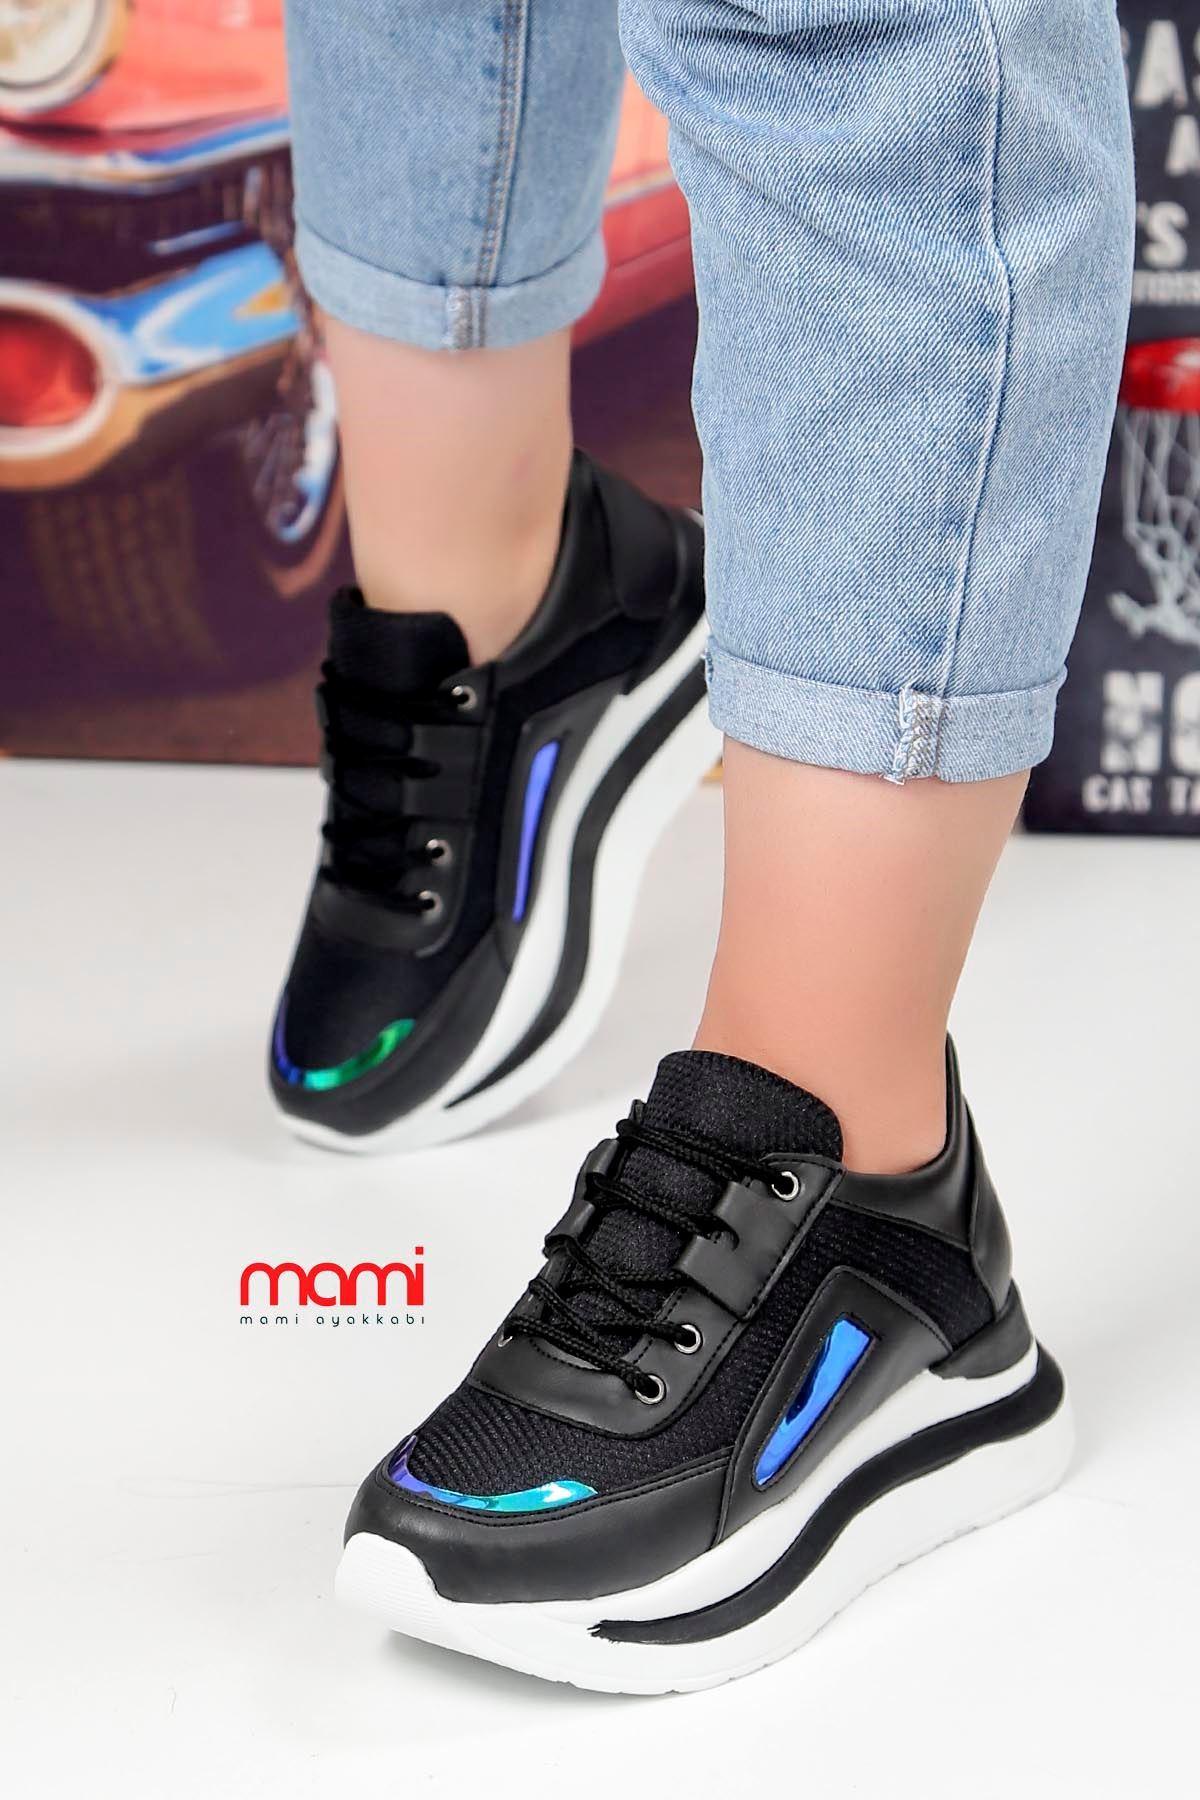 Frm-6561 Dolgu Taban Spor Ayakkabı Siyah